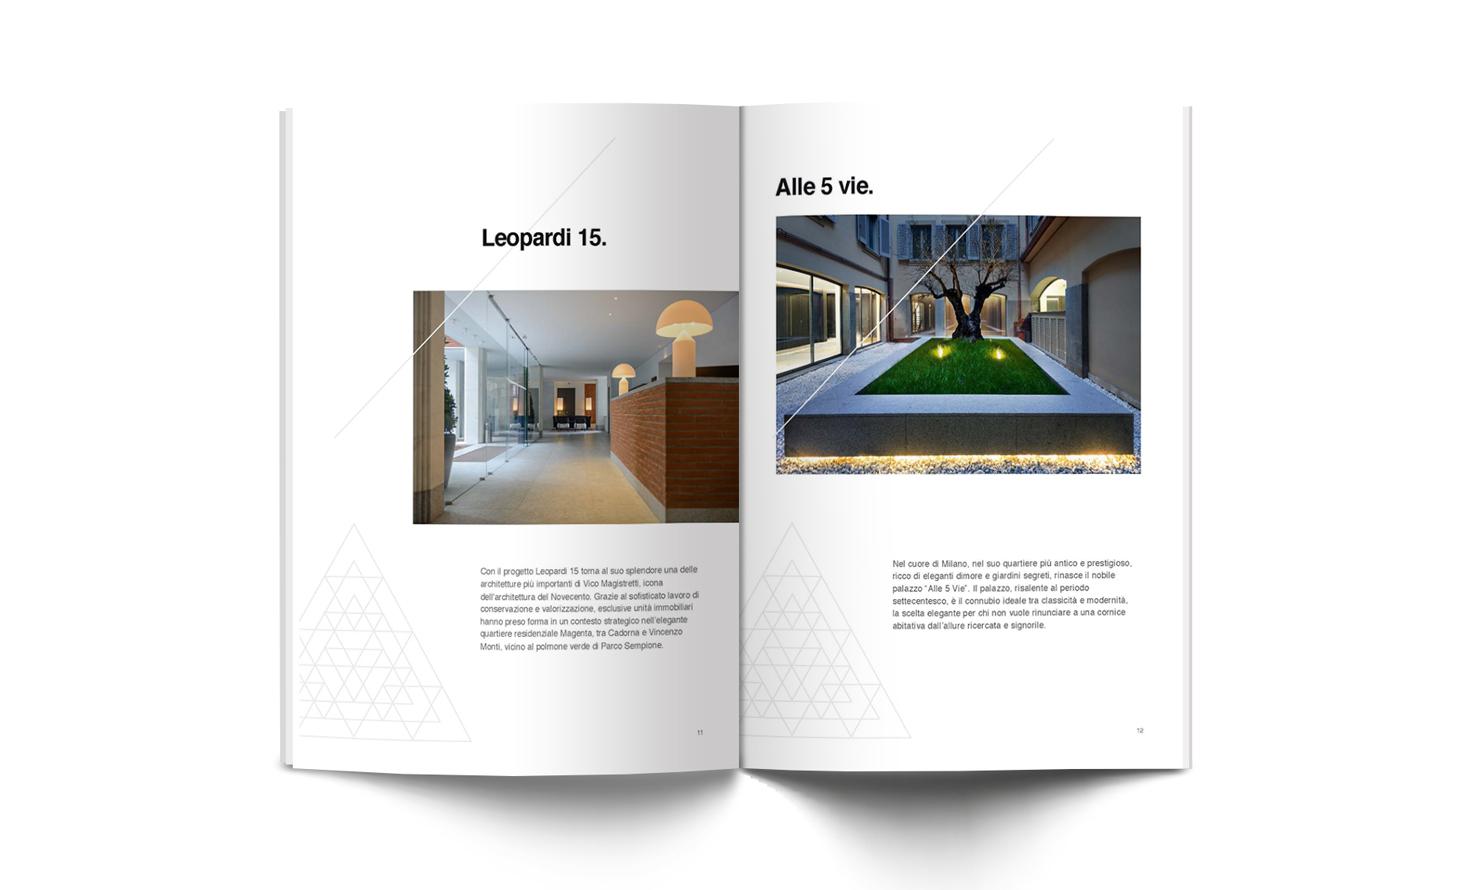 https://kubelibre.com/uploads/Slider-work-tutti-clienti/residenze-porta-nuova-agency-il-nostro-nome-dice-molto-di-noi-5.jpg